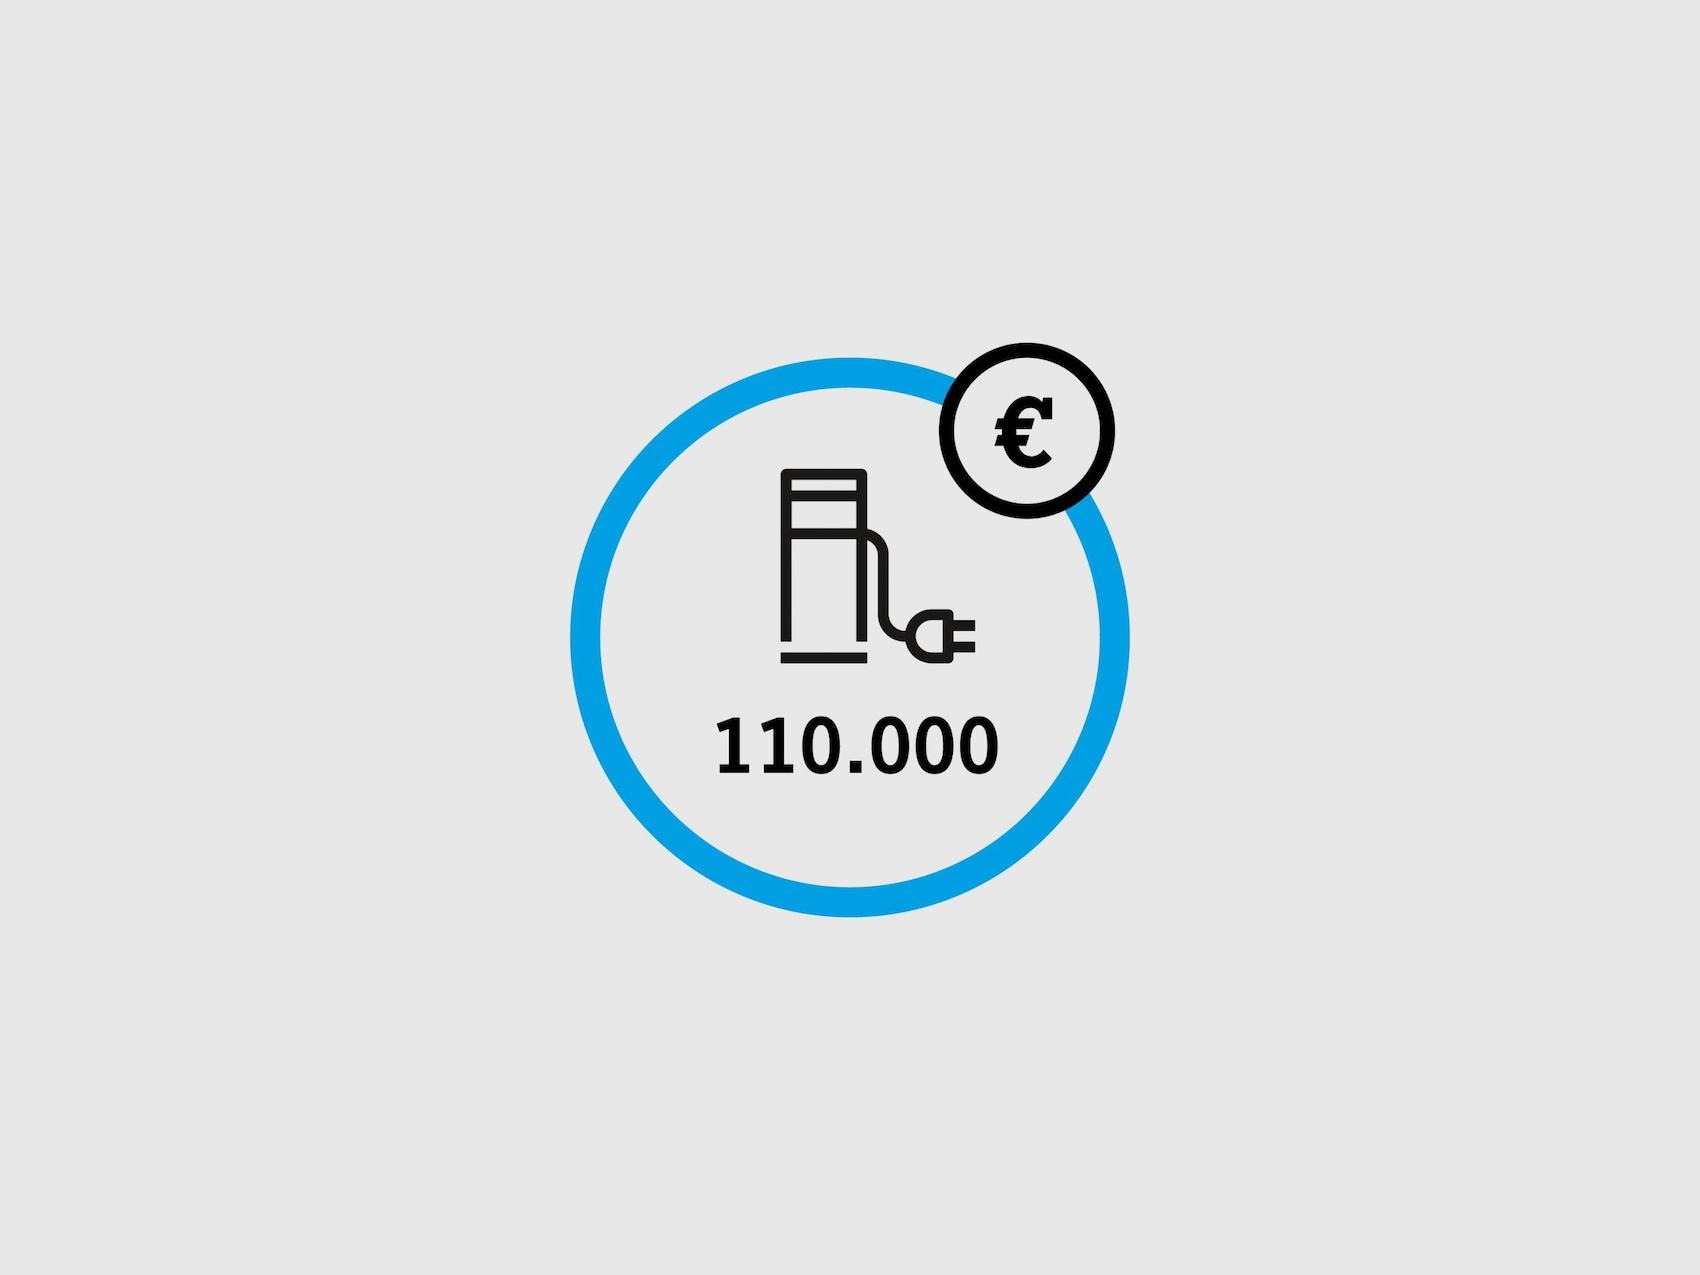 Cerchio blu in cui sono rappresentati il logo Plugsurfing e, sotto, il numero 110.000.